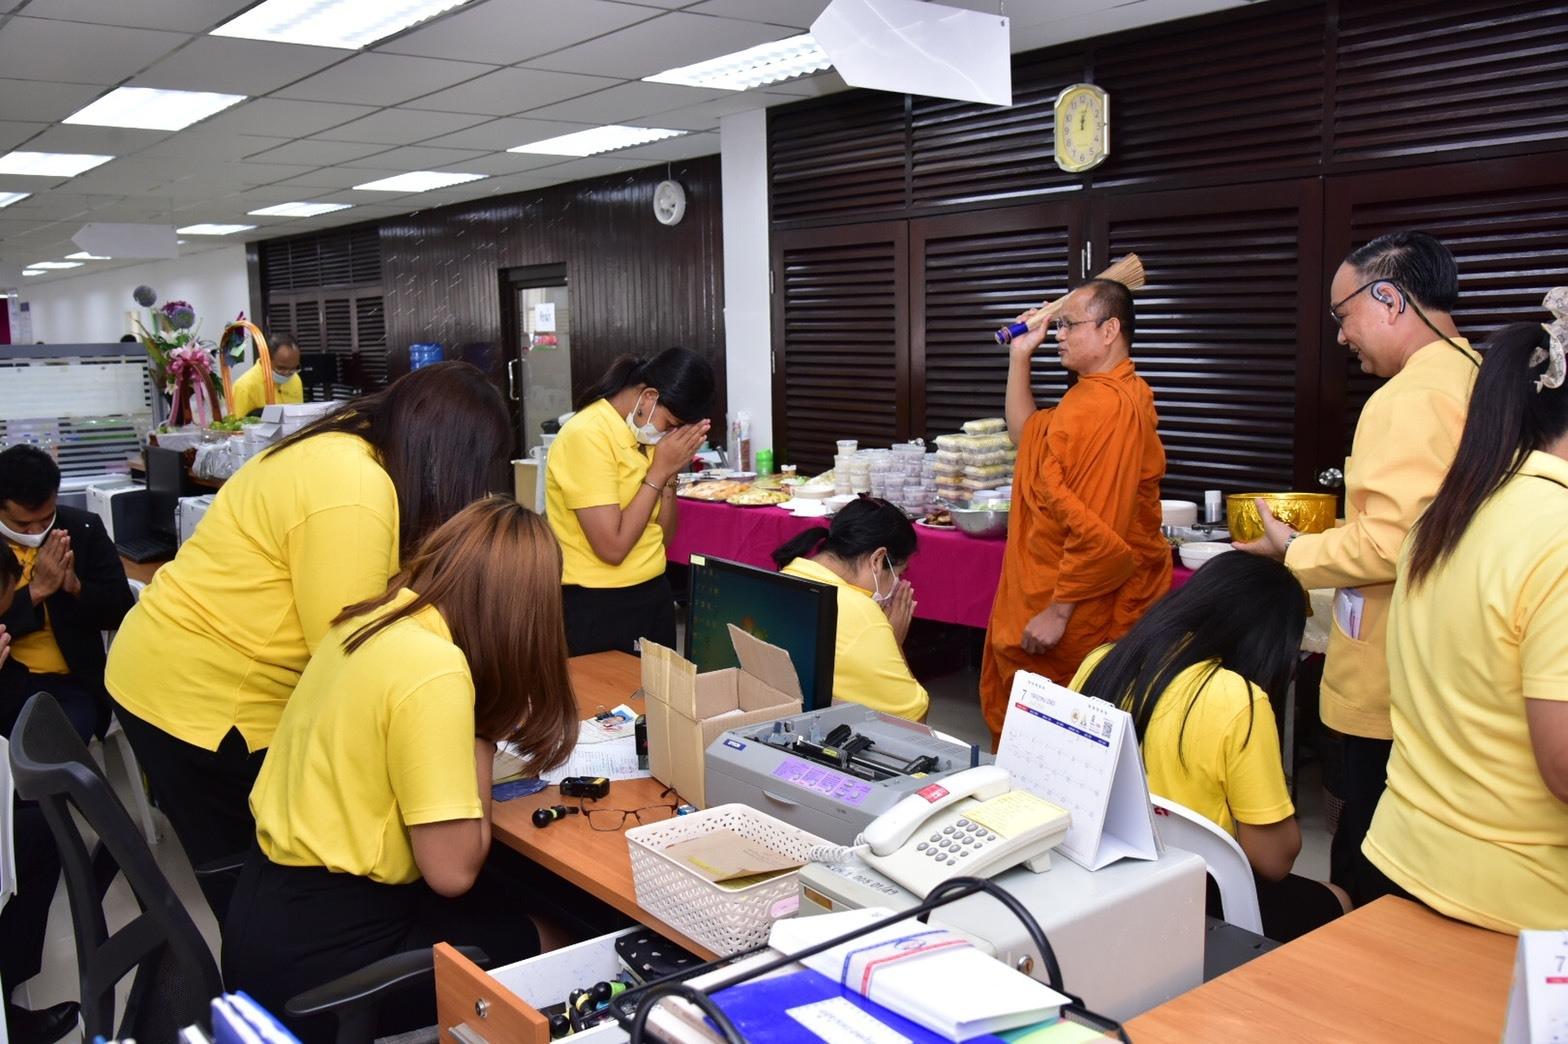 ผู้บริหารกรมการจัดหางาน  ร่วมทำบุญเลี้ยงพระ ที่ทำการ สจก. 8 แห่งใหม่